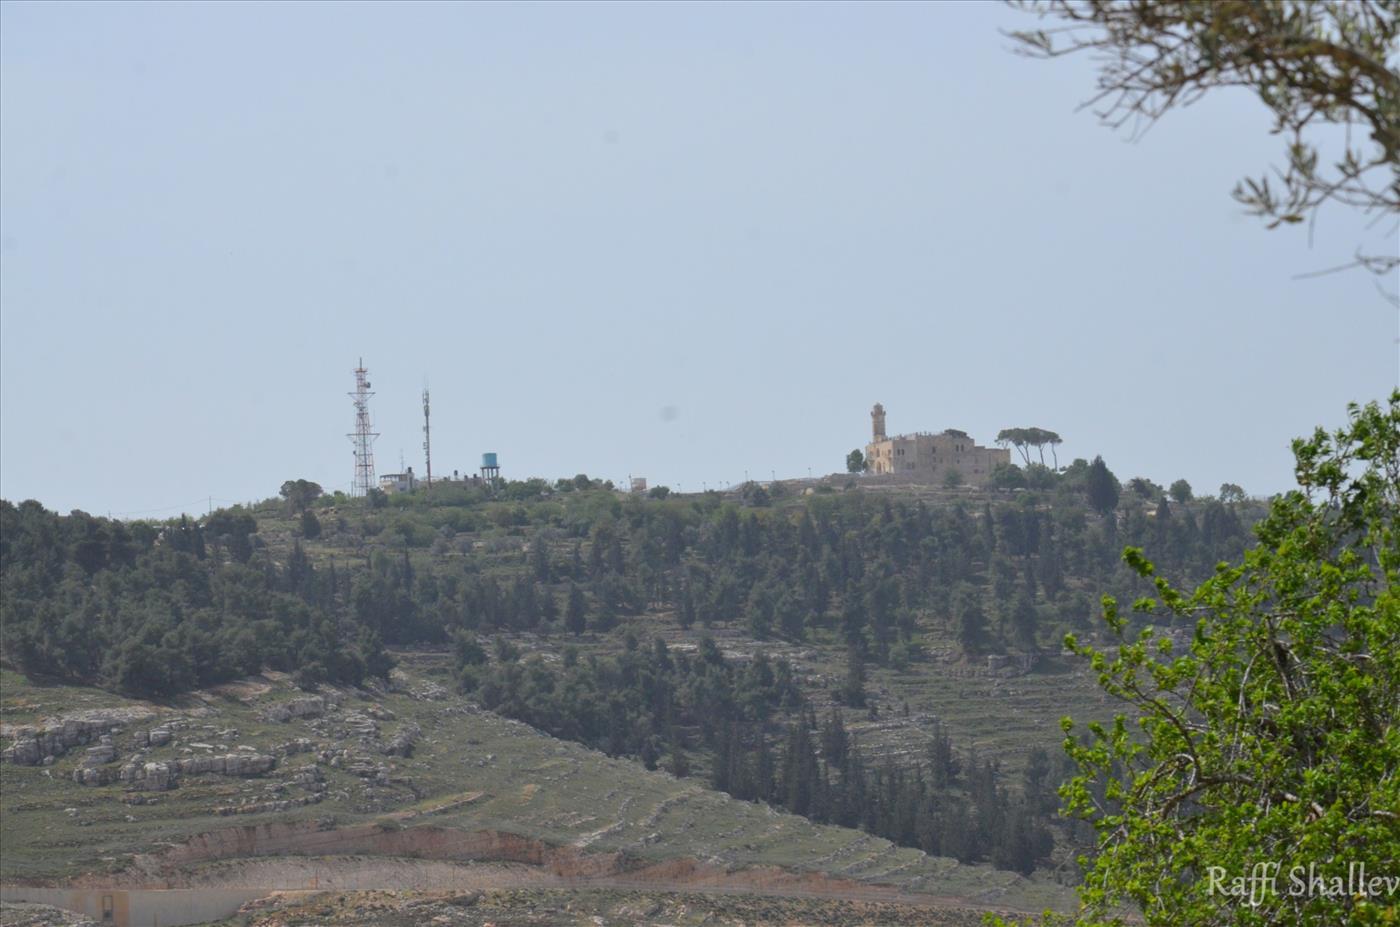 מבט לקבר שמואל הנביא (רפי שלו)